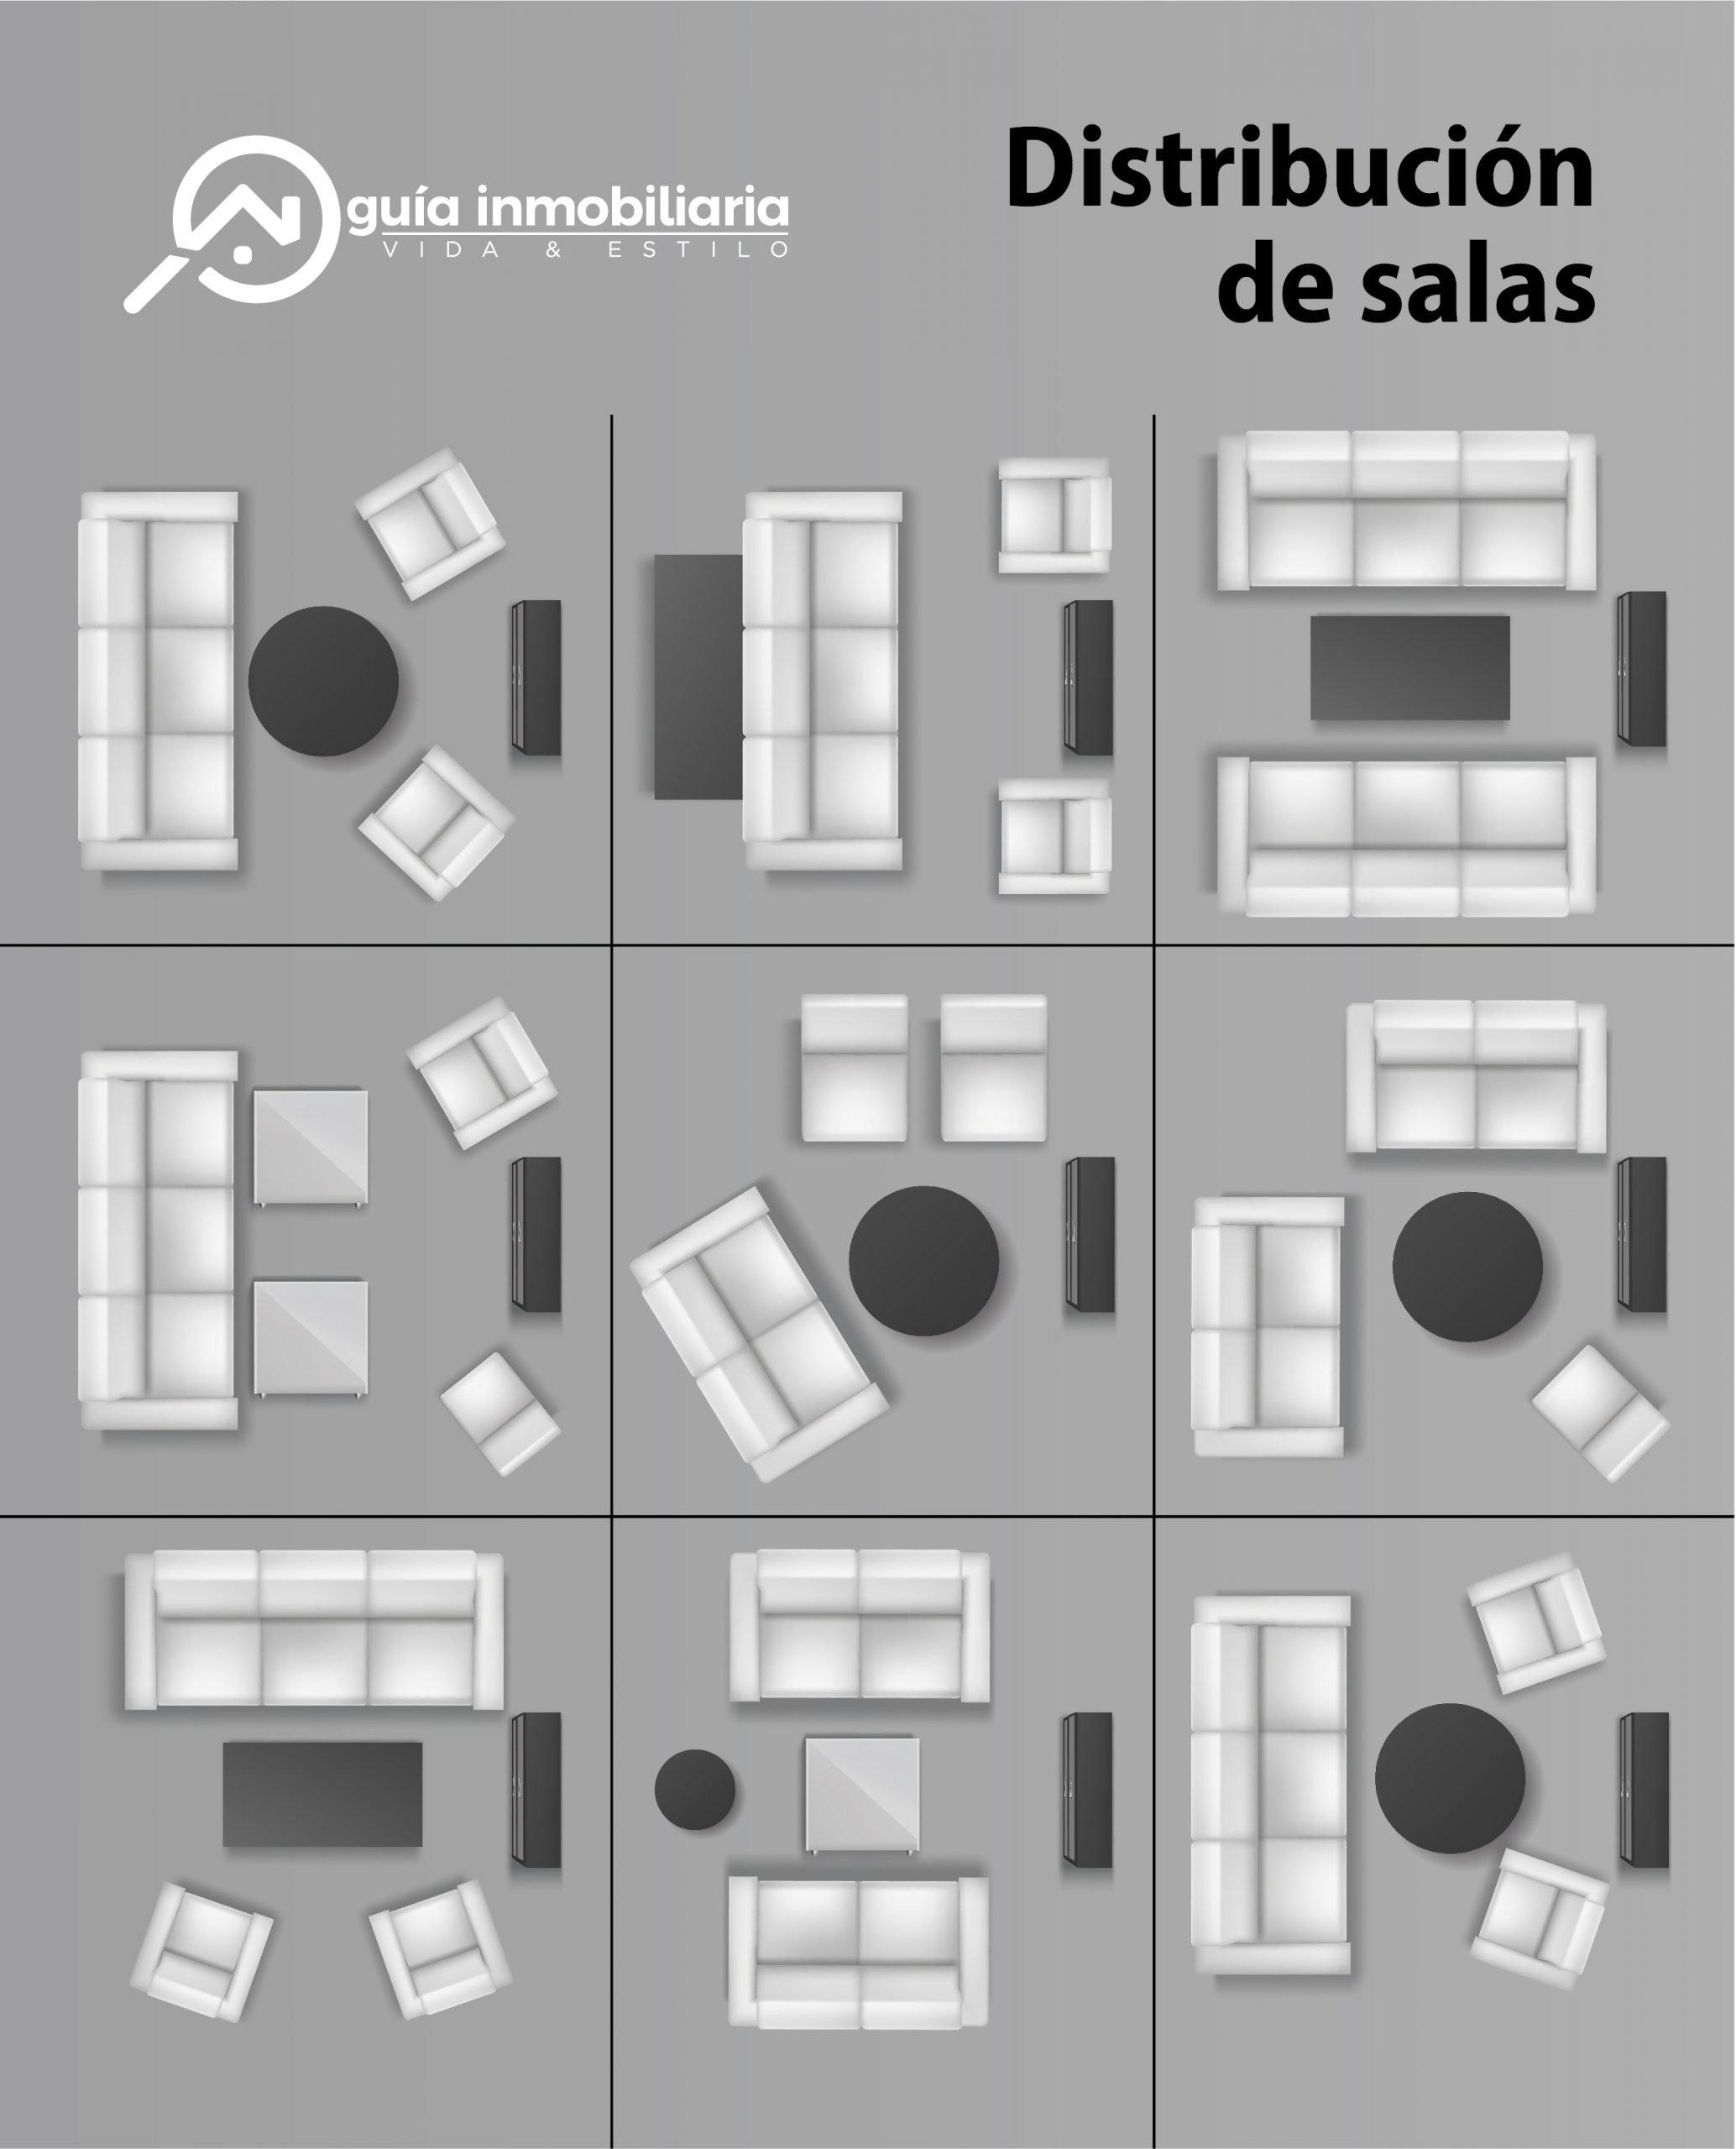 Plano de distribución de salas pequeñas